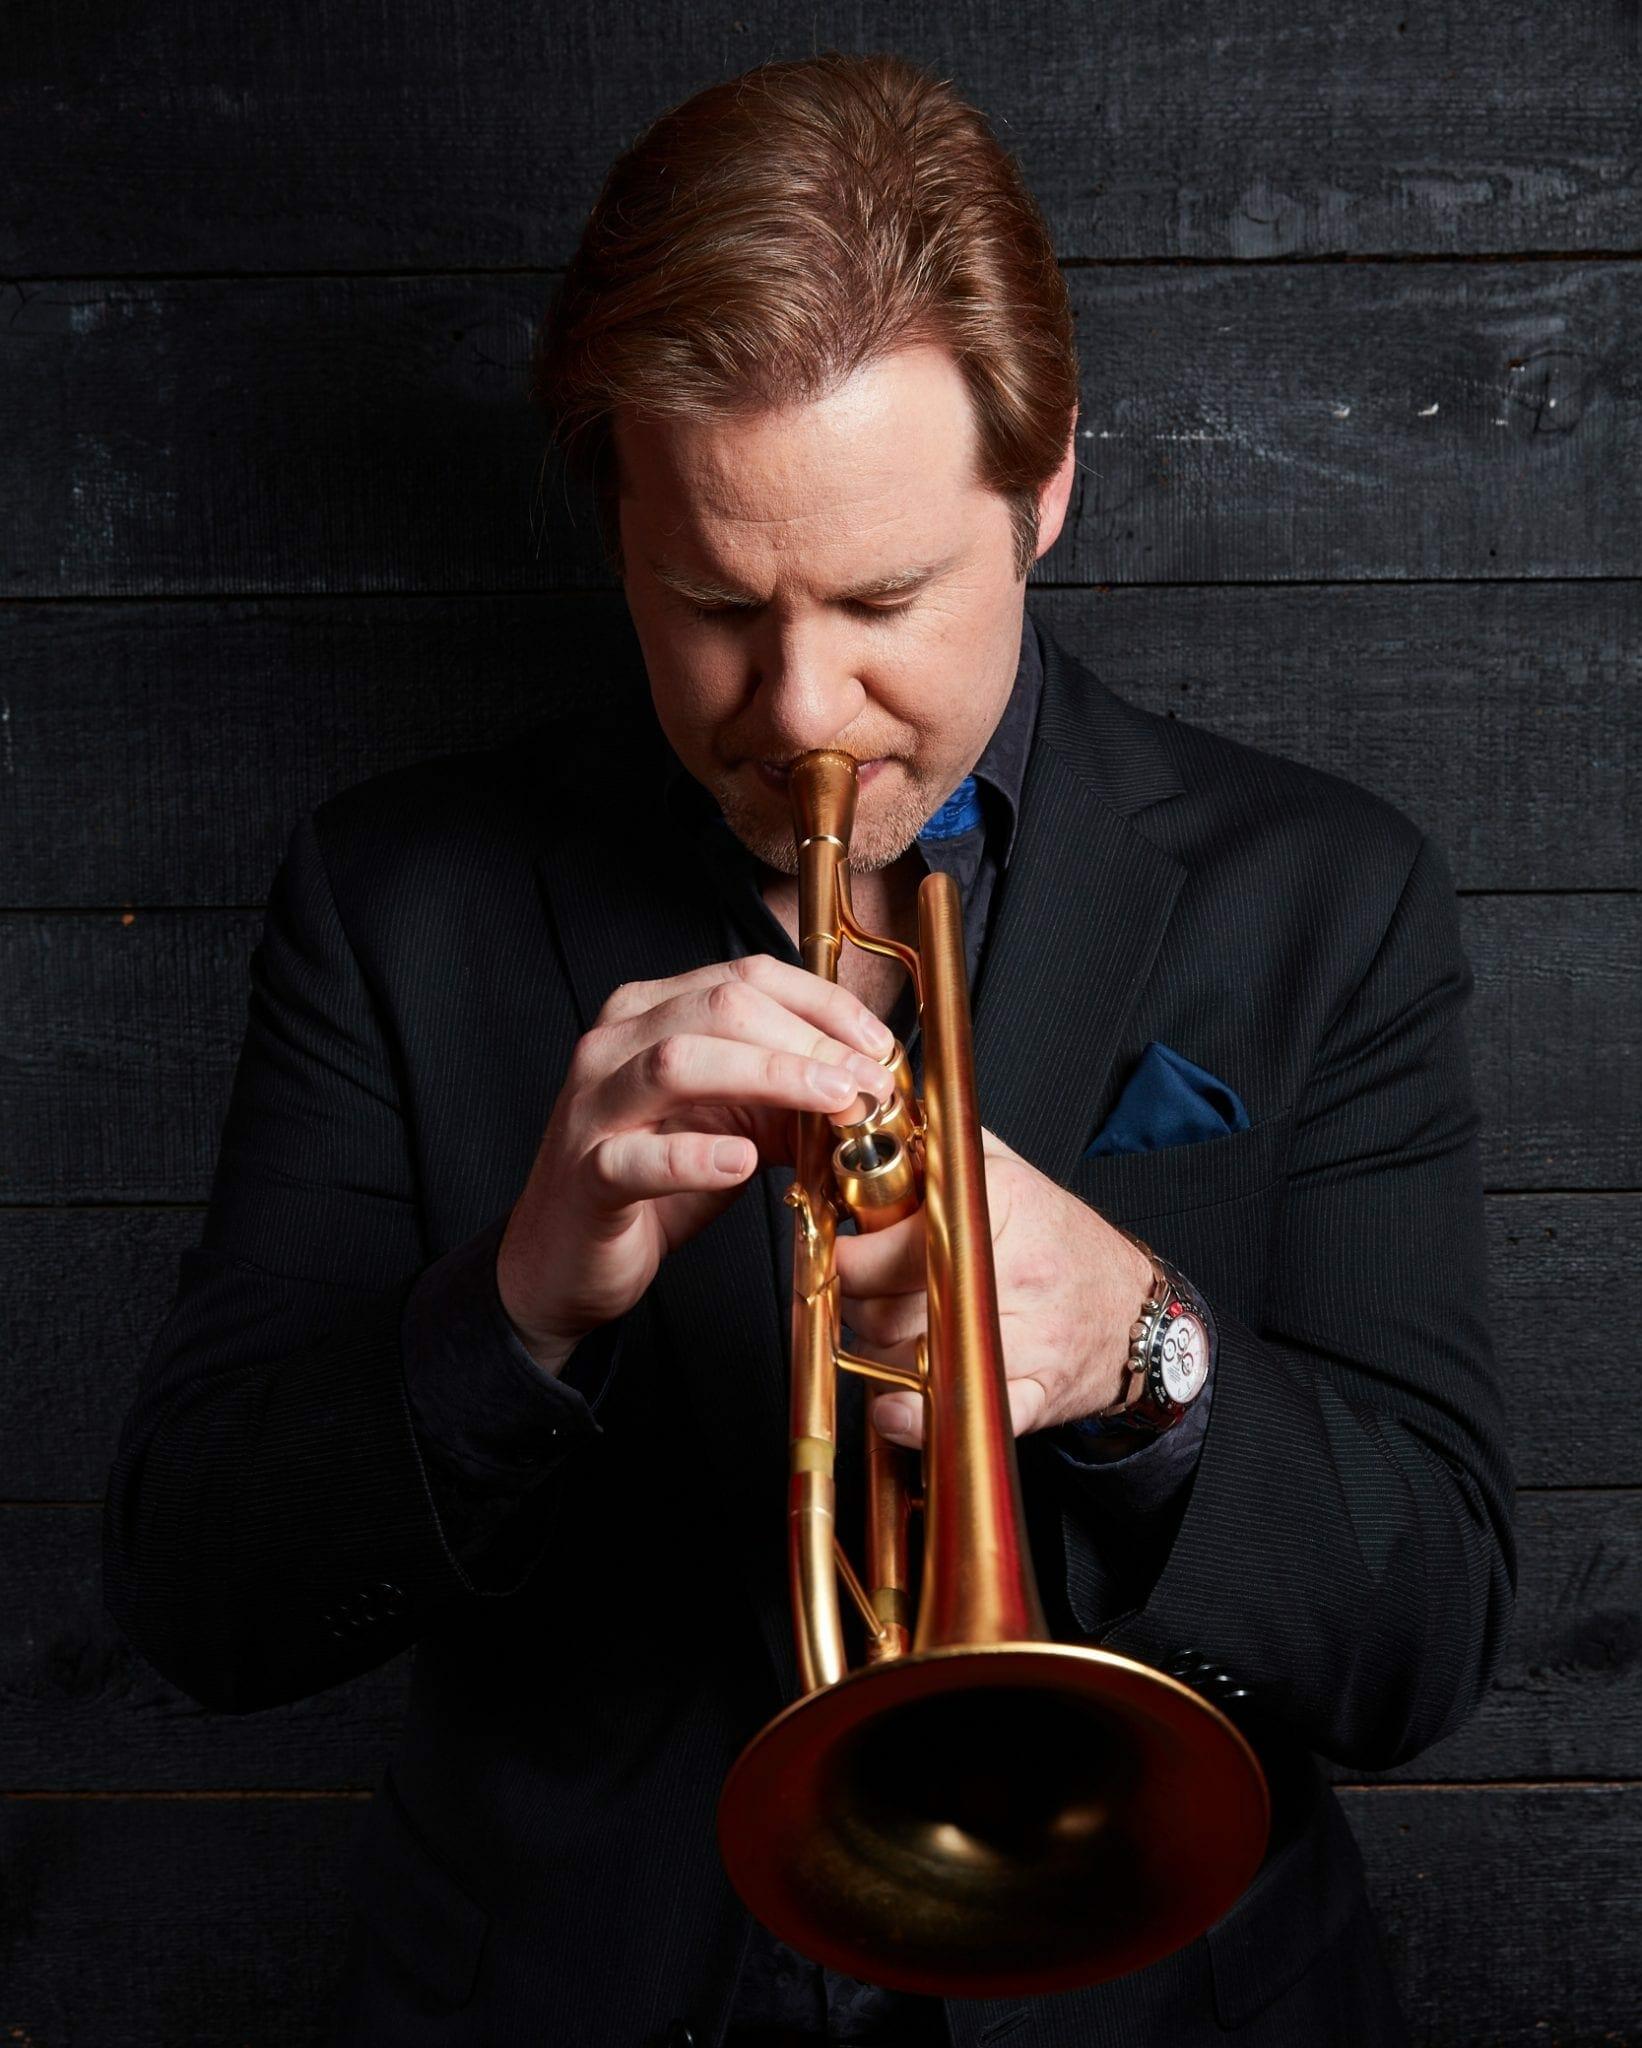 Jazz trumpeter Joe Gransden